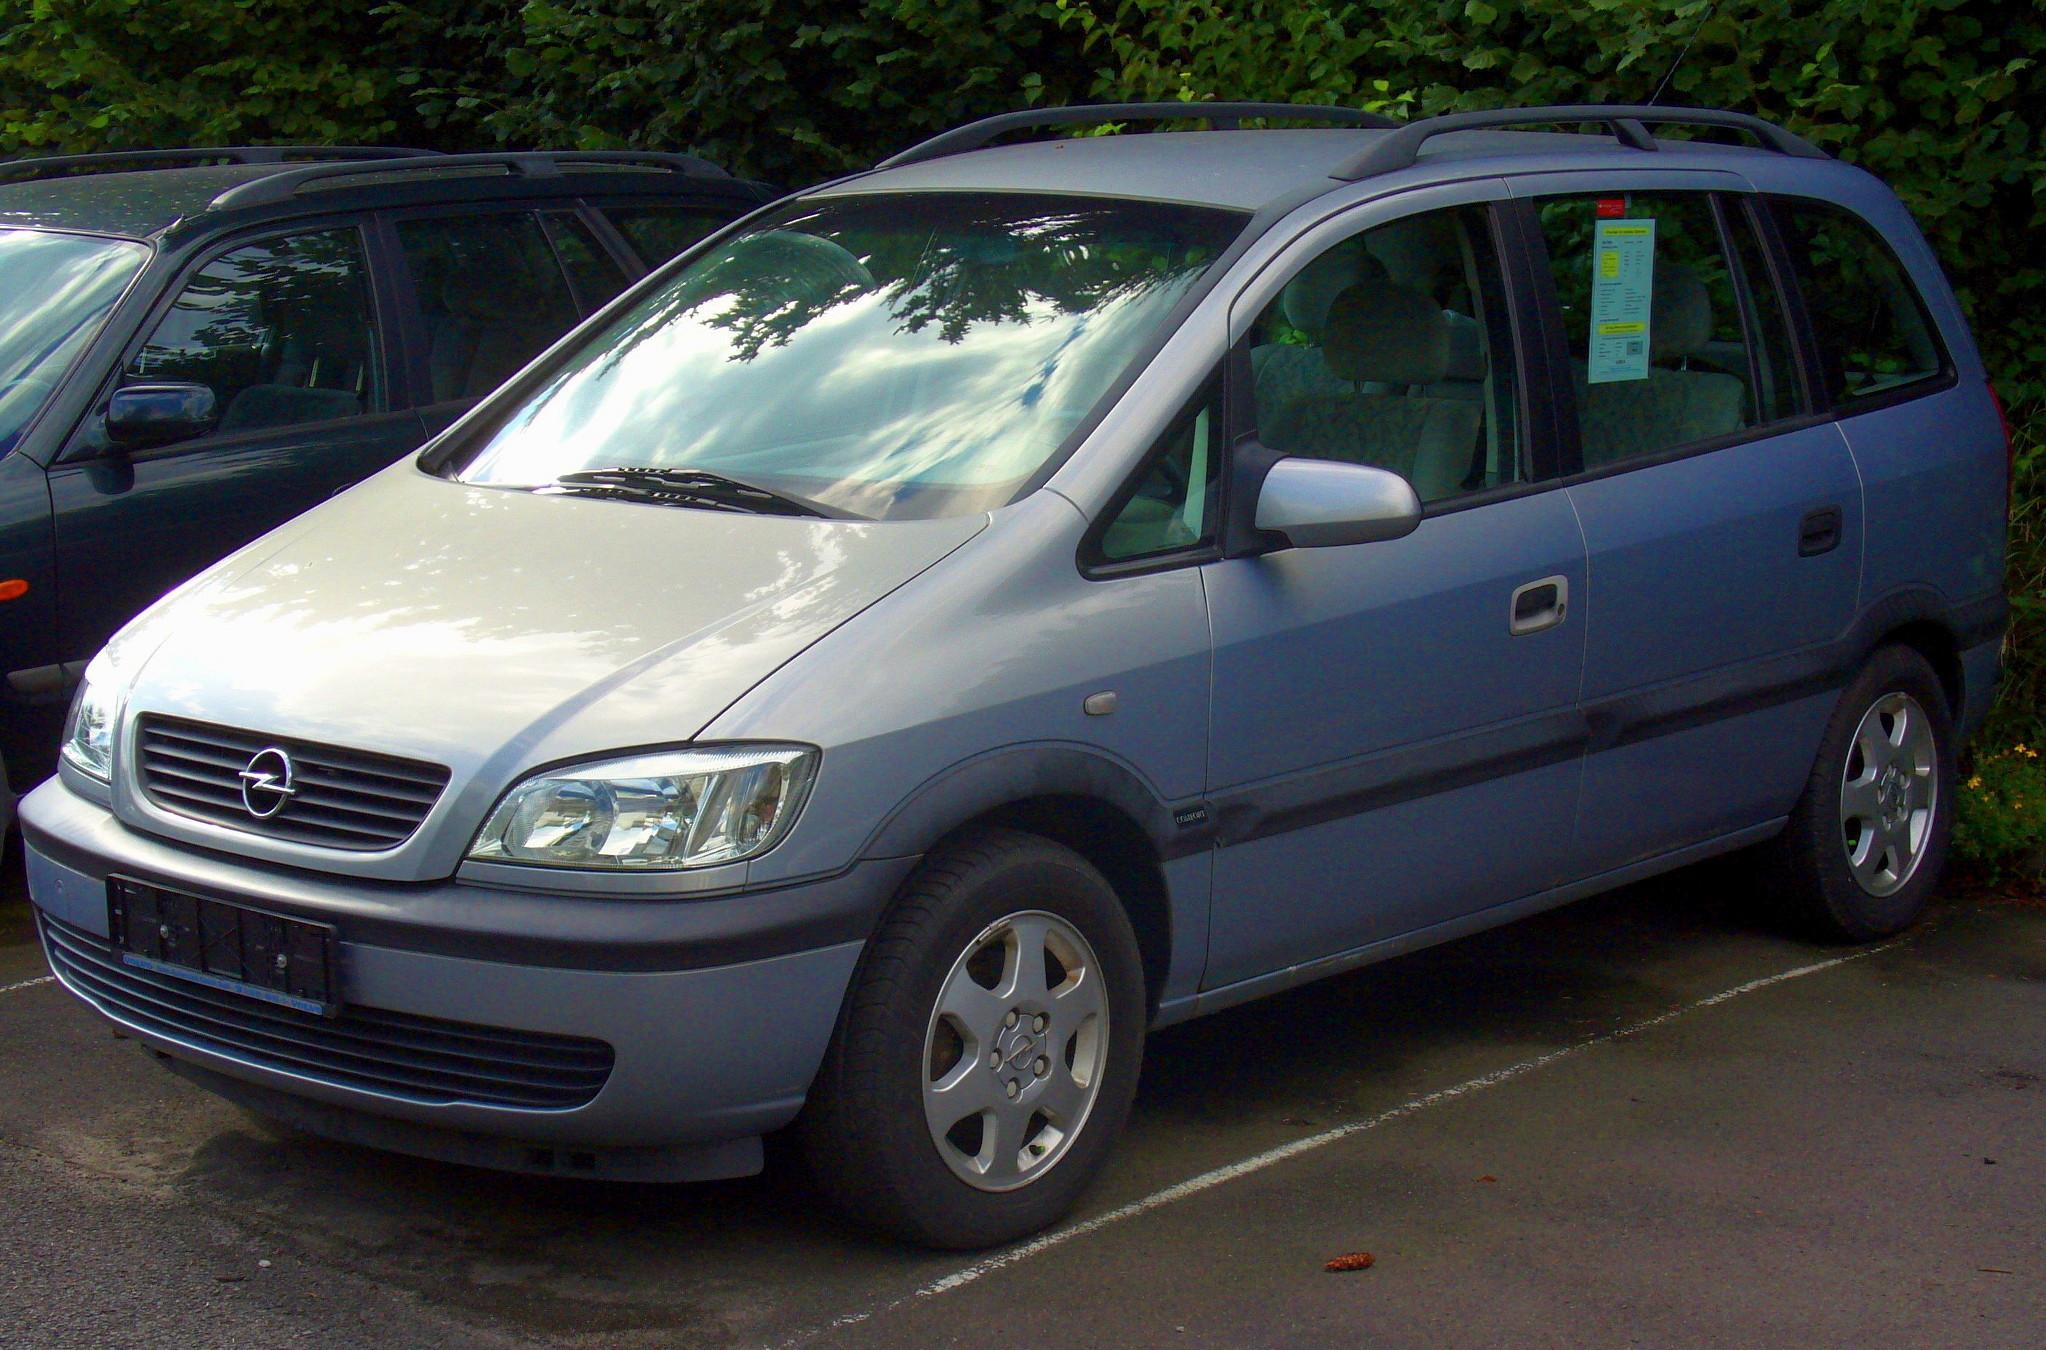 Schema Elettrico Opel Zafira : Schema fusibili opel zafira fare di una mosca